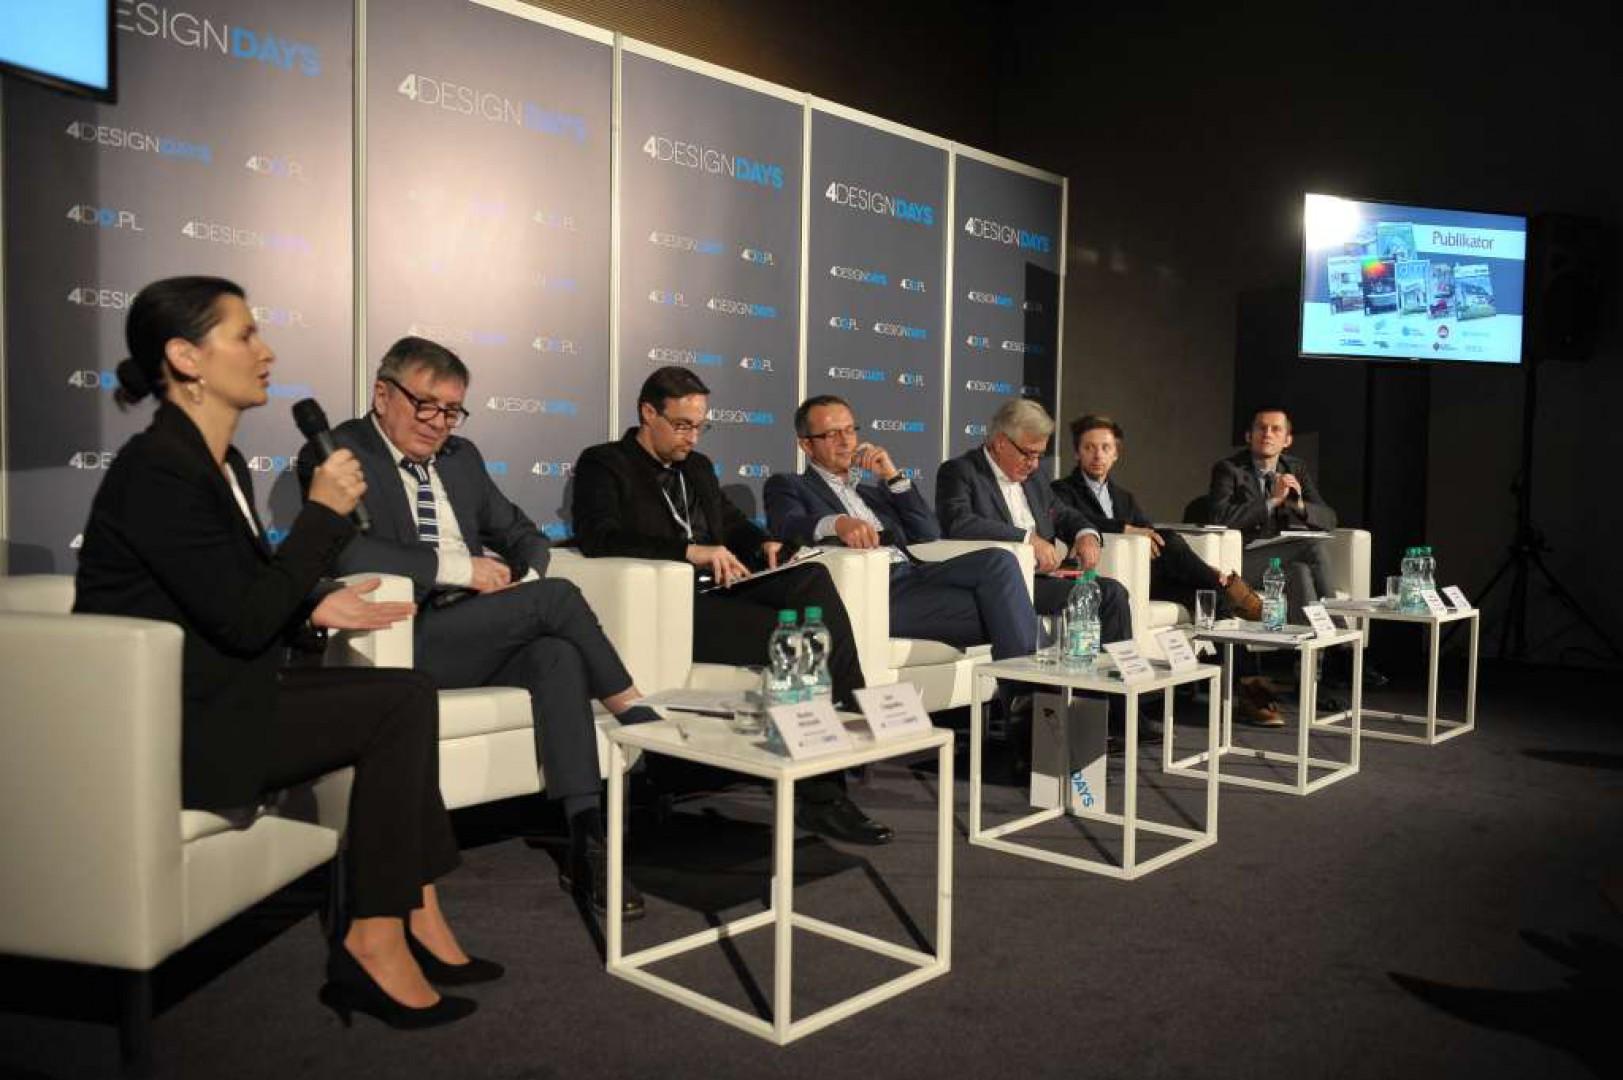 Panel dyskusyjny Rola projektu w polskim meblarstwie. Fot. PTWP